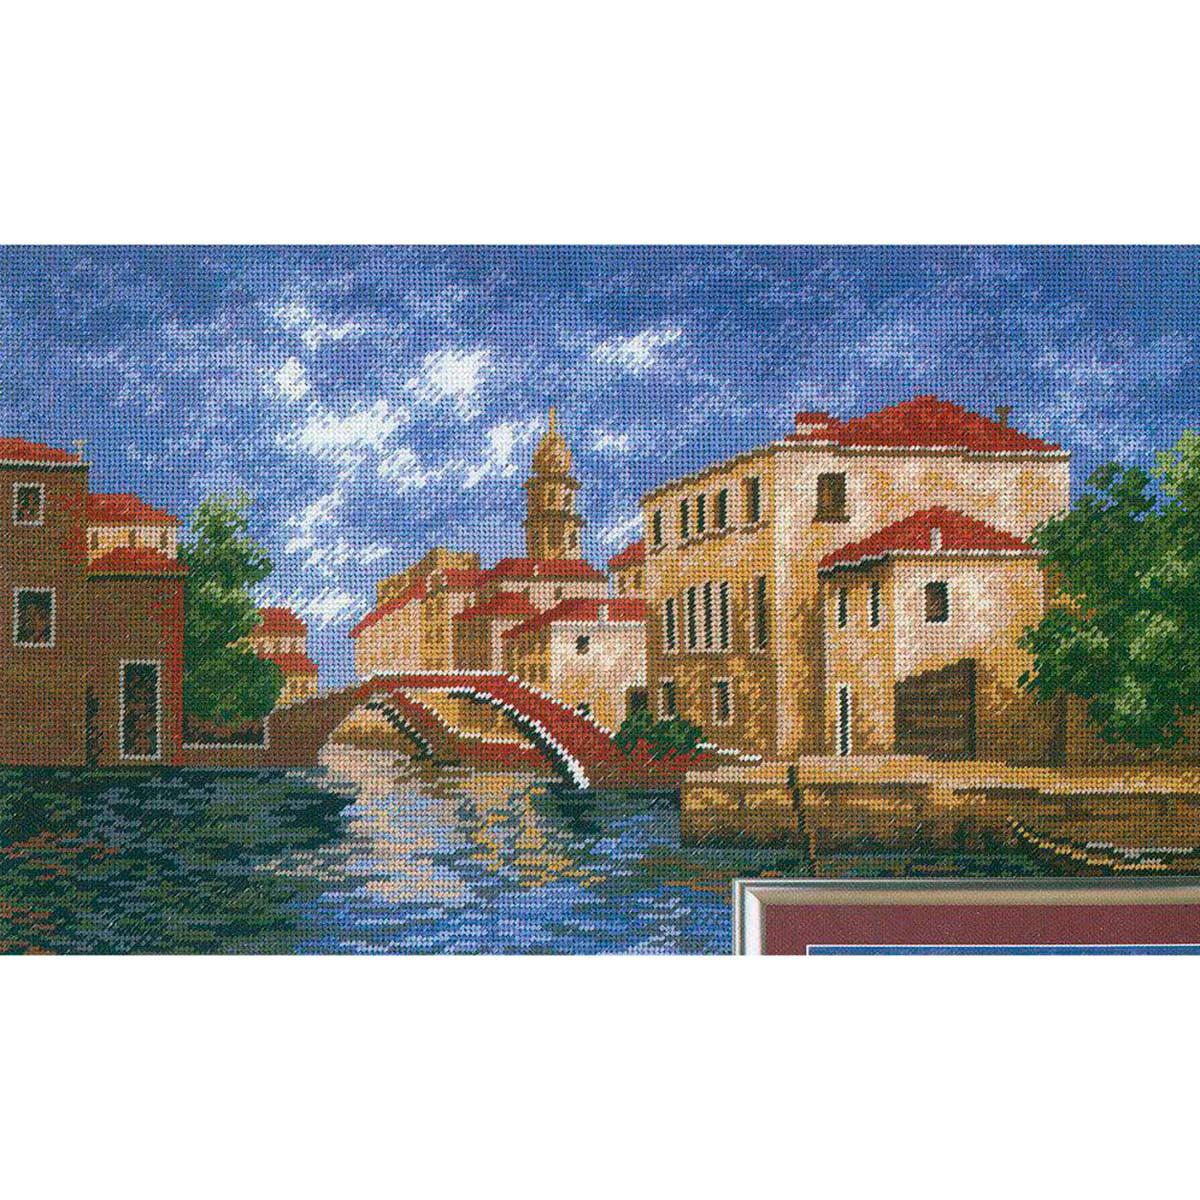 638 Набор для вышивания Hobby&Pro 'Город на воде', 31*18 см